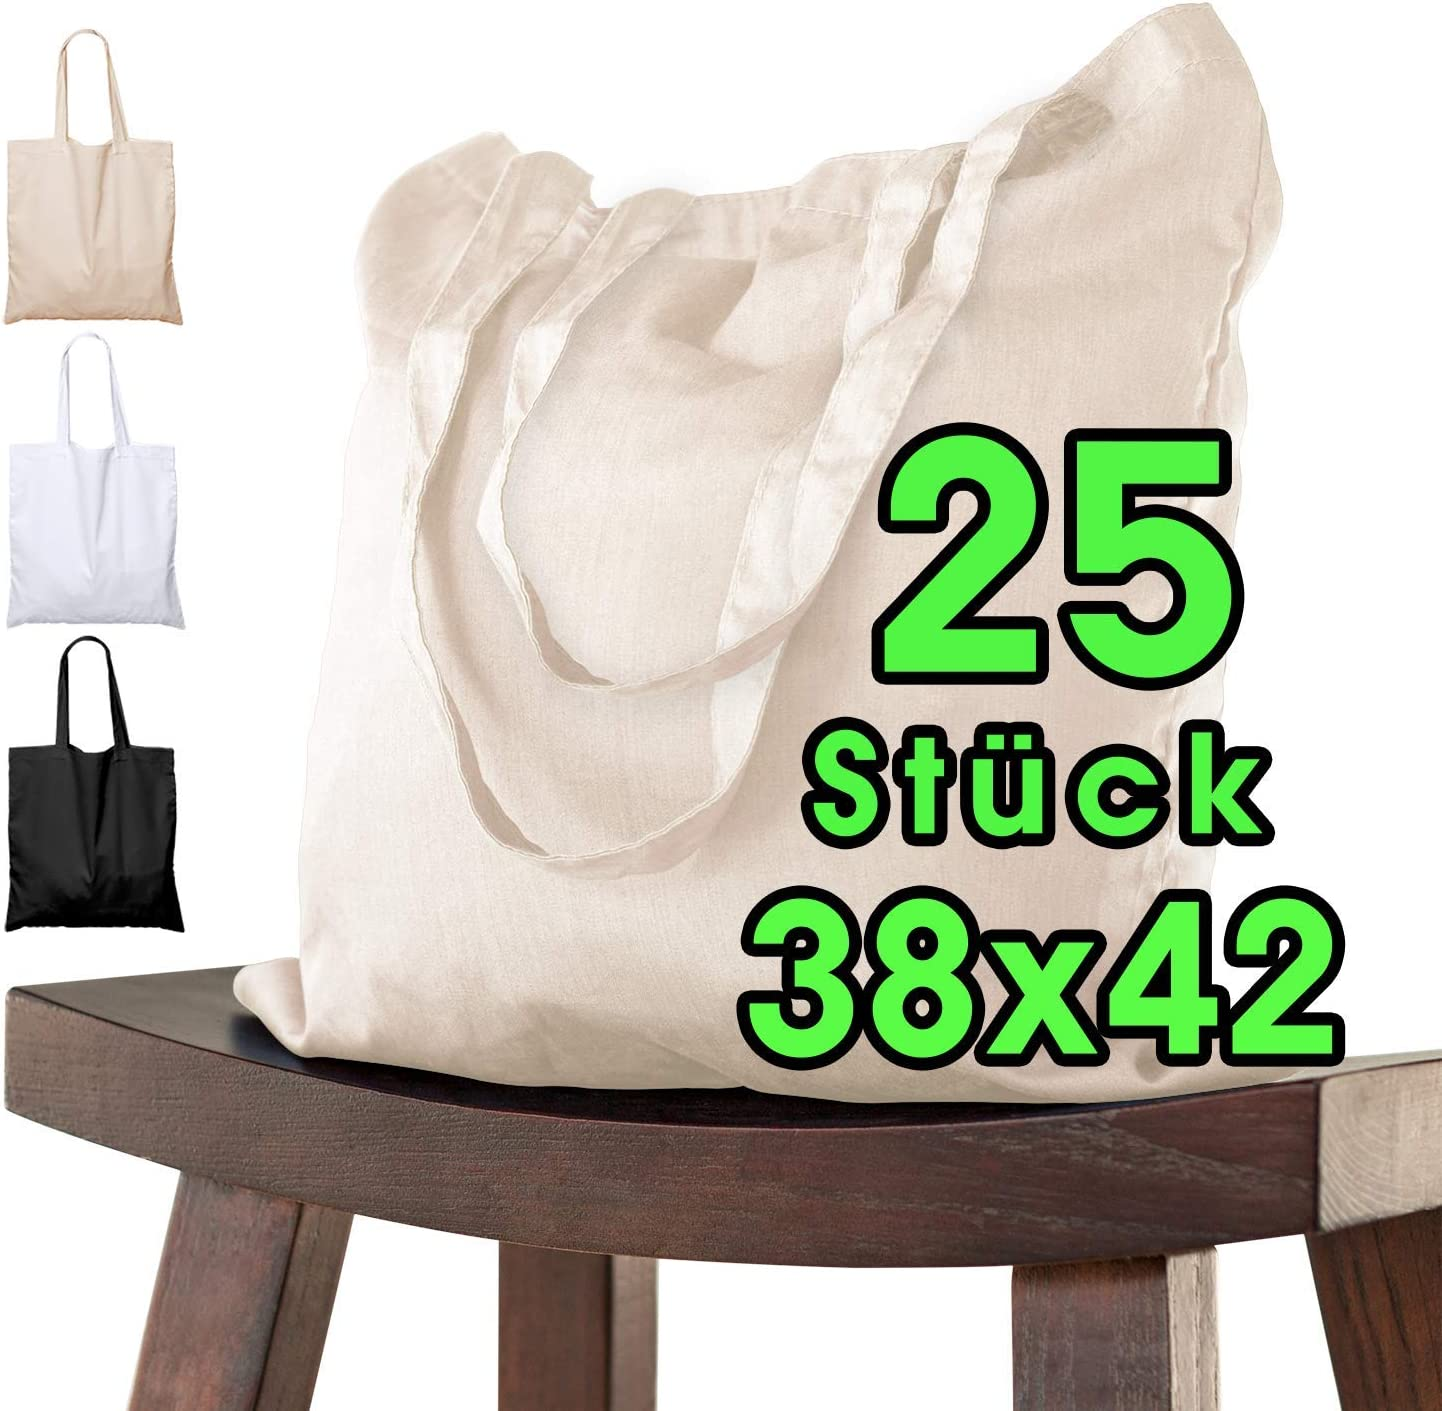 Bolsa de algodón, 38 x 42 cm, sin Estampar, Asas largas, Bolsa de Tela, Bolsa de algodón, Bolsa de Yute con Certificado Öko-Tex ®, 25 unidades (naturaleza): Amazon.es: Juguetes y juegos